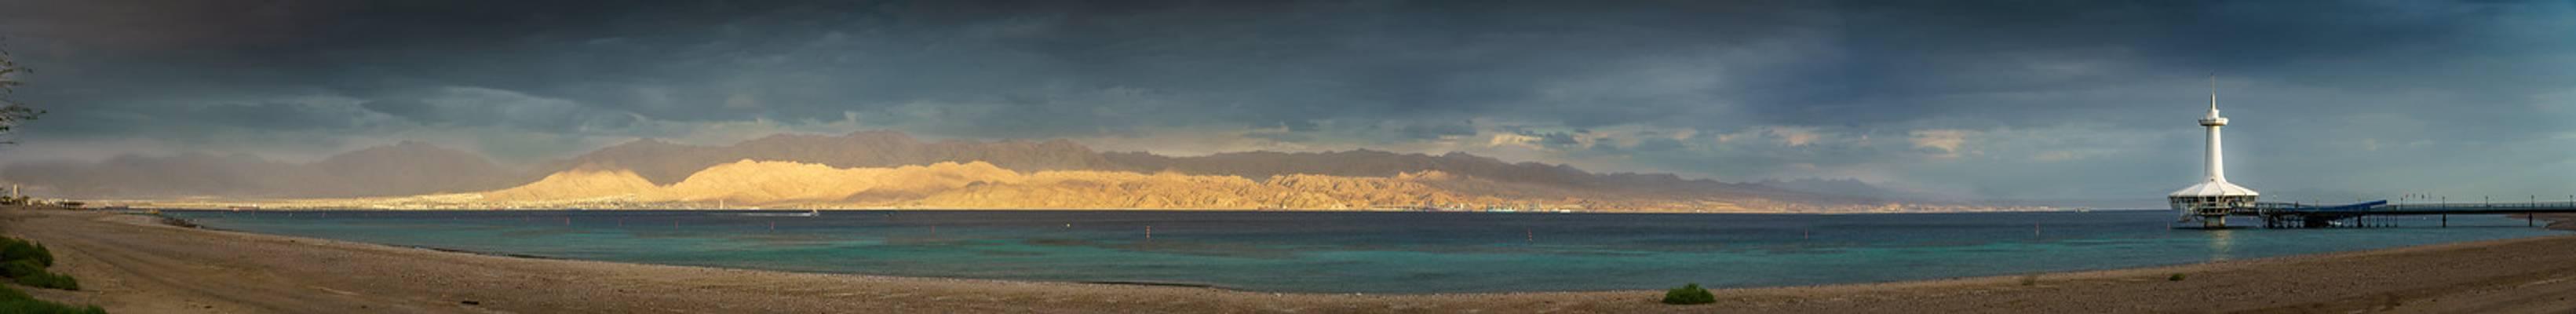 Golf von Aqaba, Jordanien